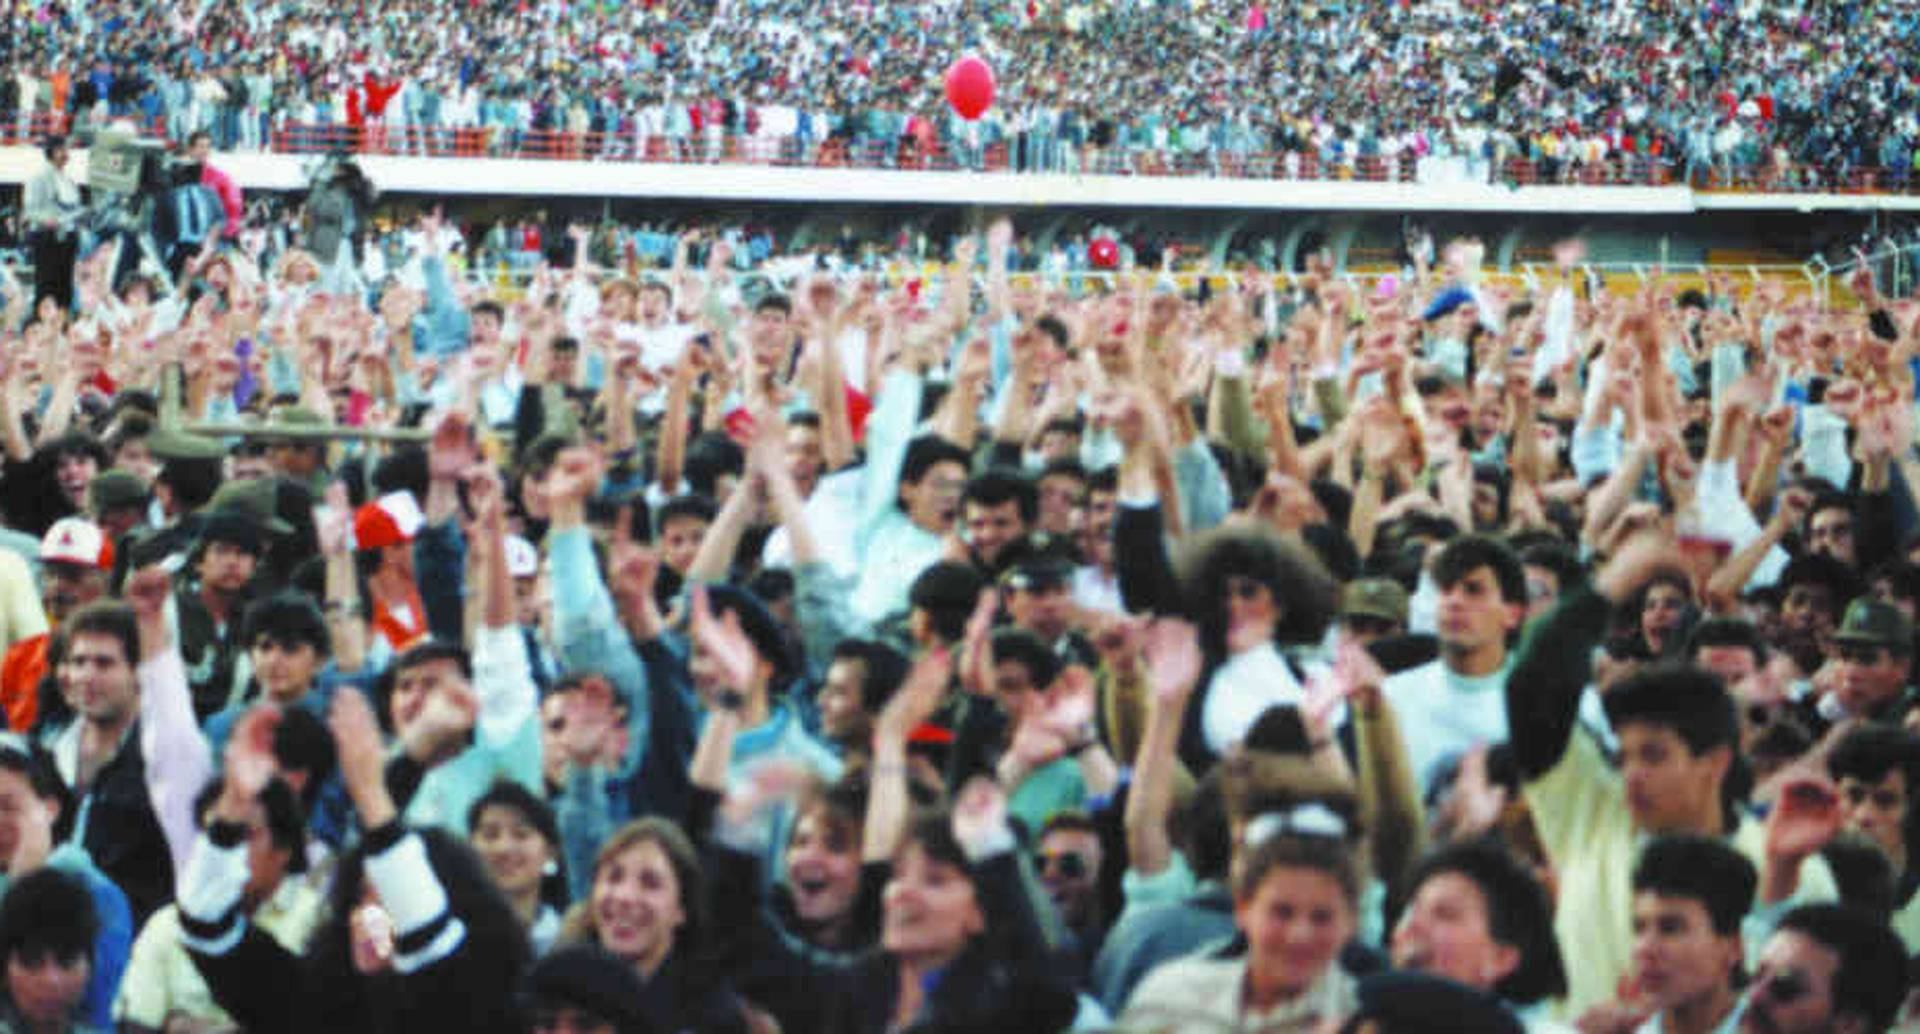 Se estima que ese 17 de septiembre, unas 70.000 personas asistieron al Concierto de Conciertos.